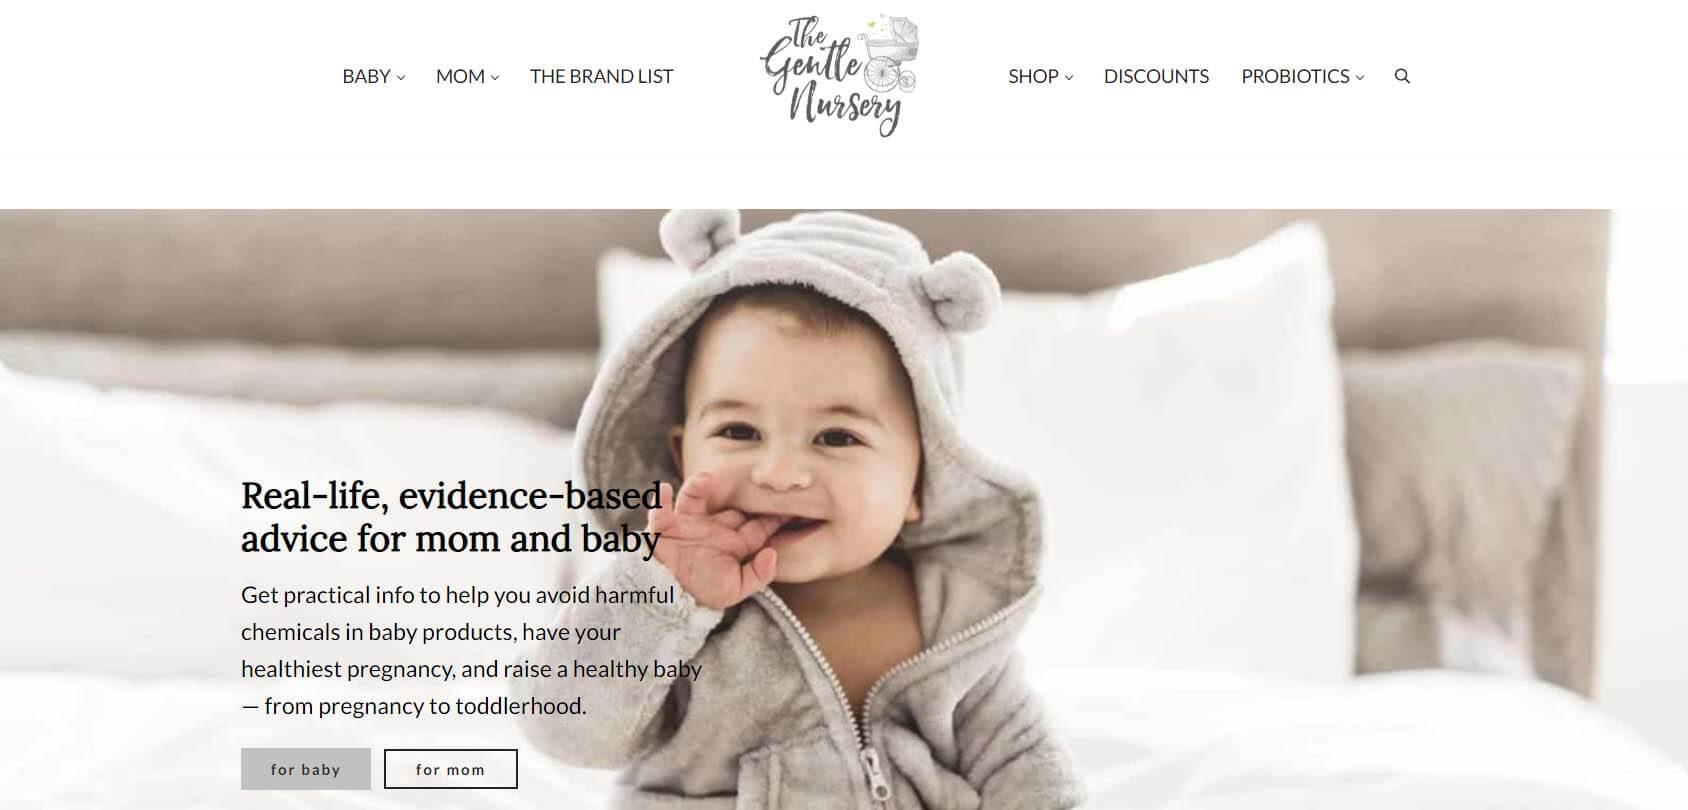 The Gentle Nursery Homepage